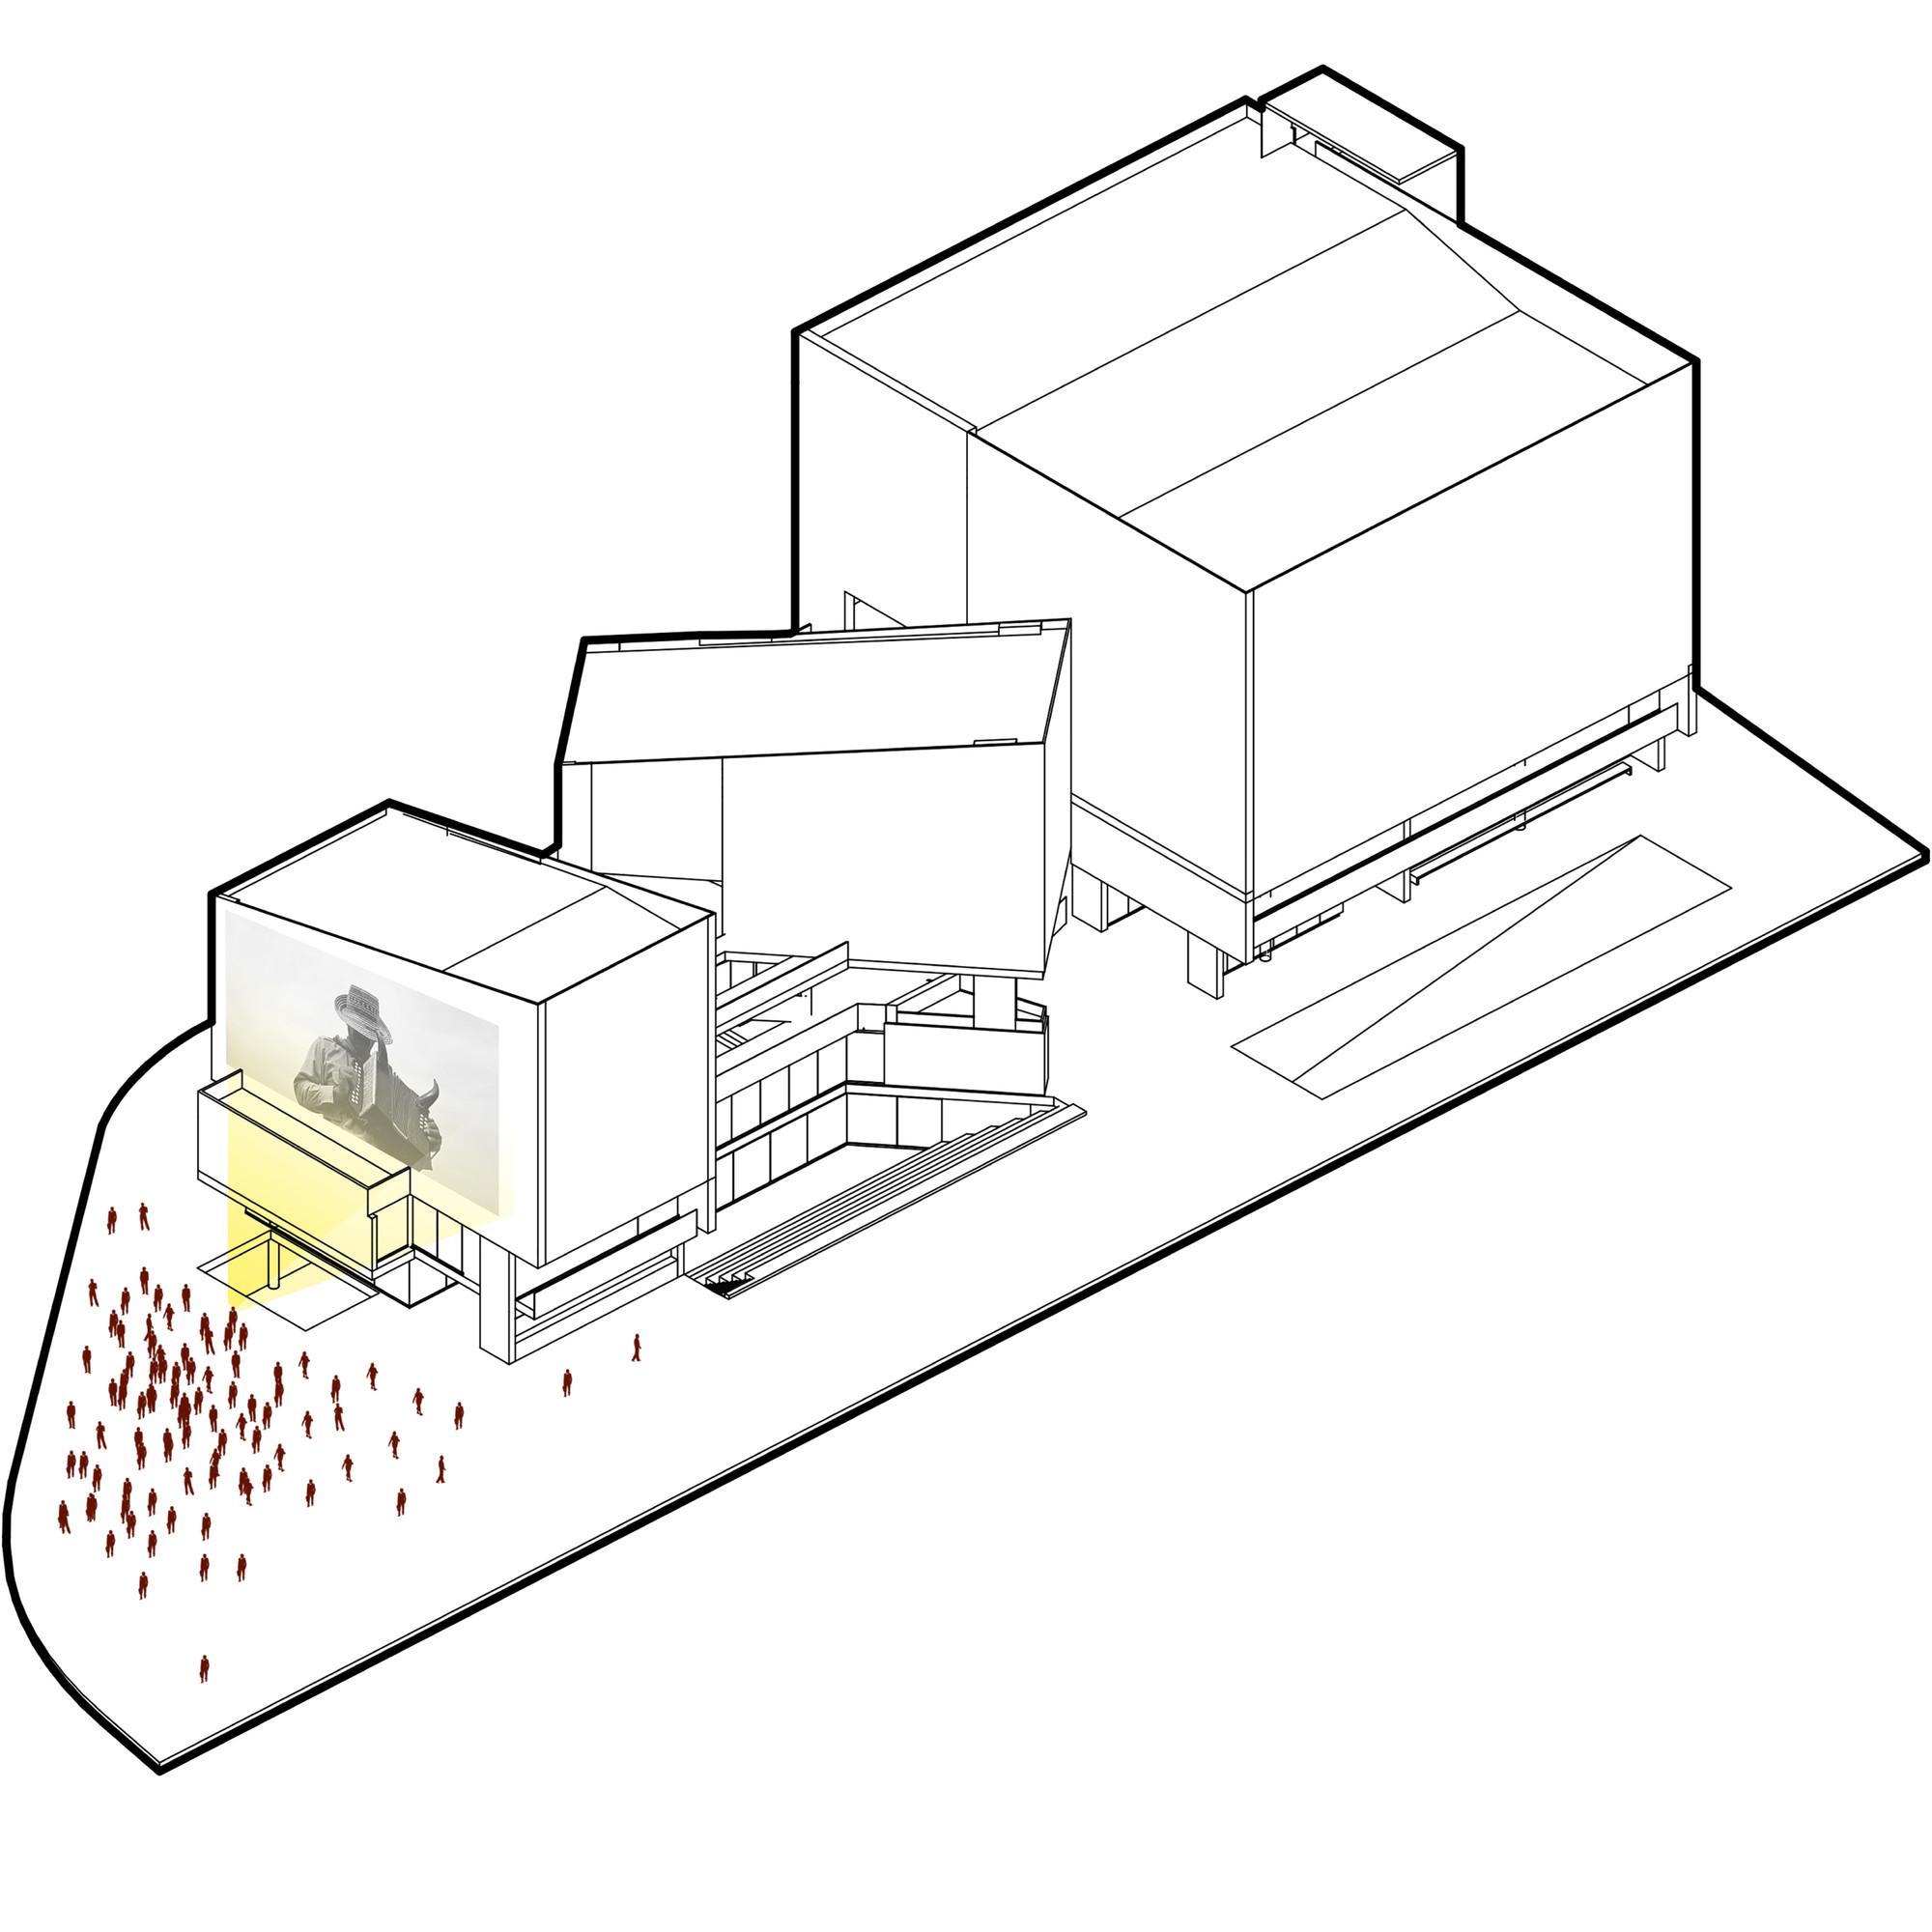 Usos #01. Image Cortesia de Eje A Arquitectura y Urbanismo